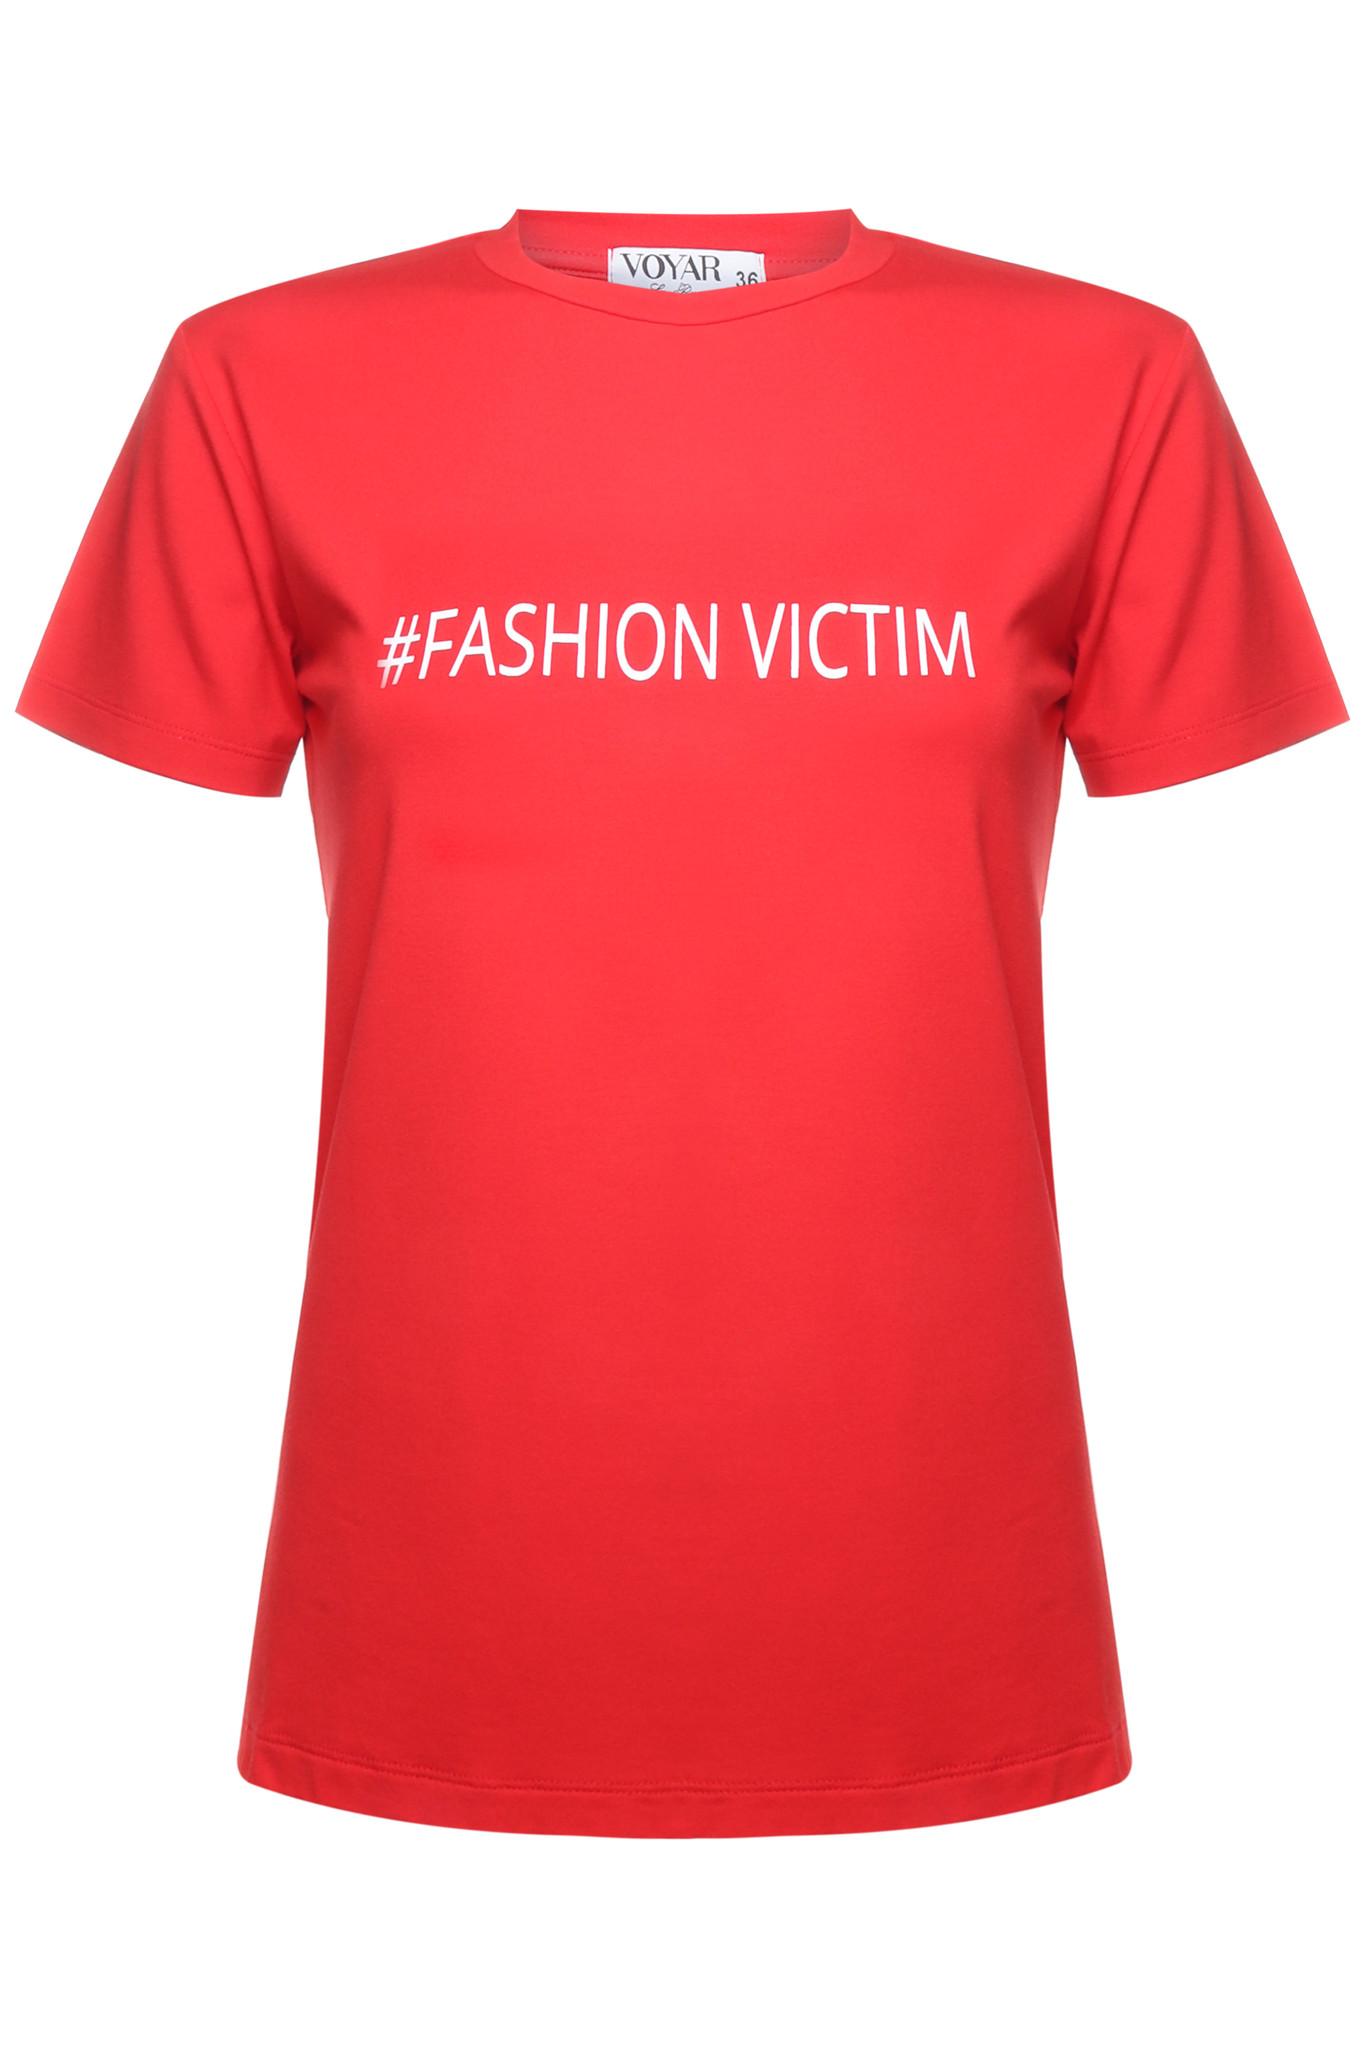 Tshirt Fashion